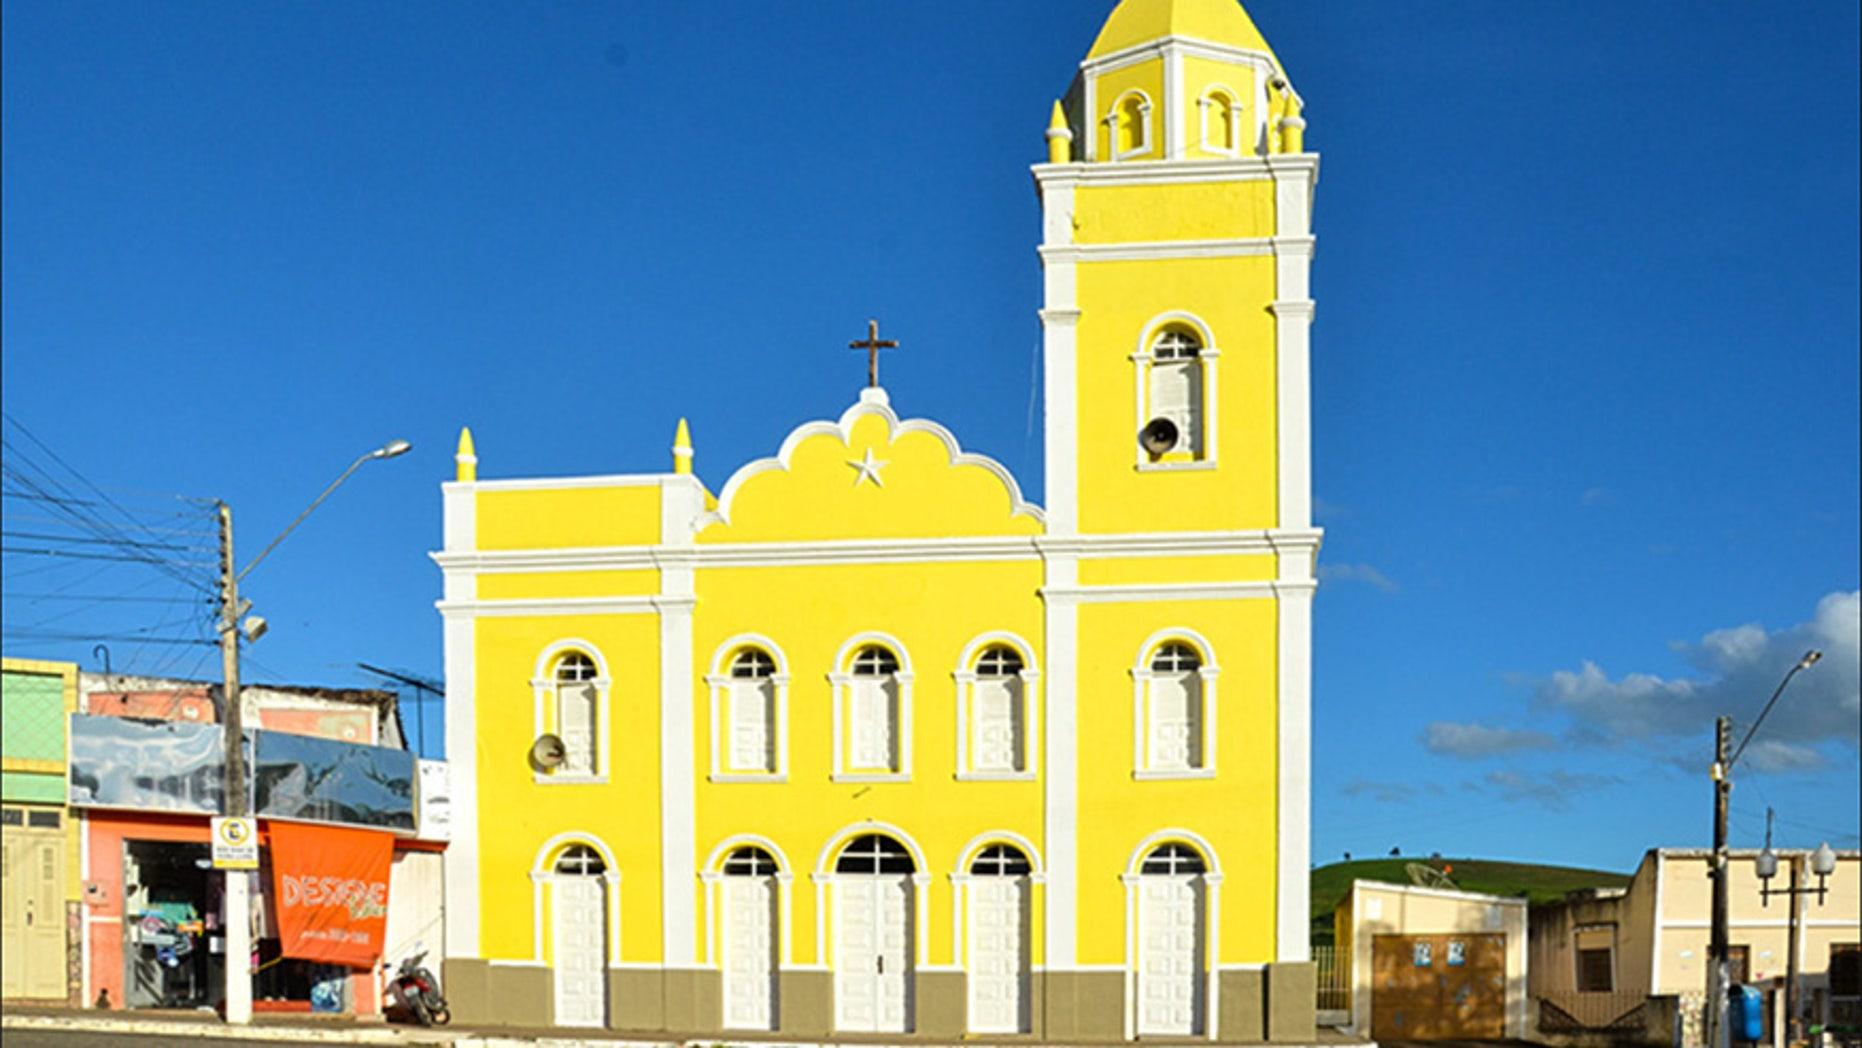 Nuestra Sra. da Conceição Church in Limoeiro de Anadia, Brazil.